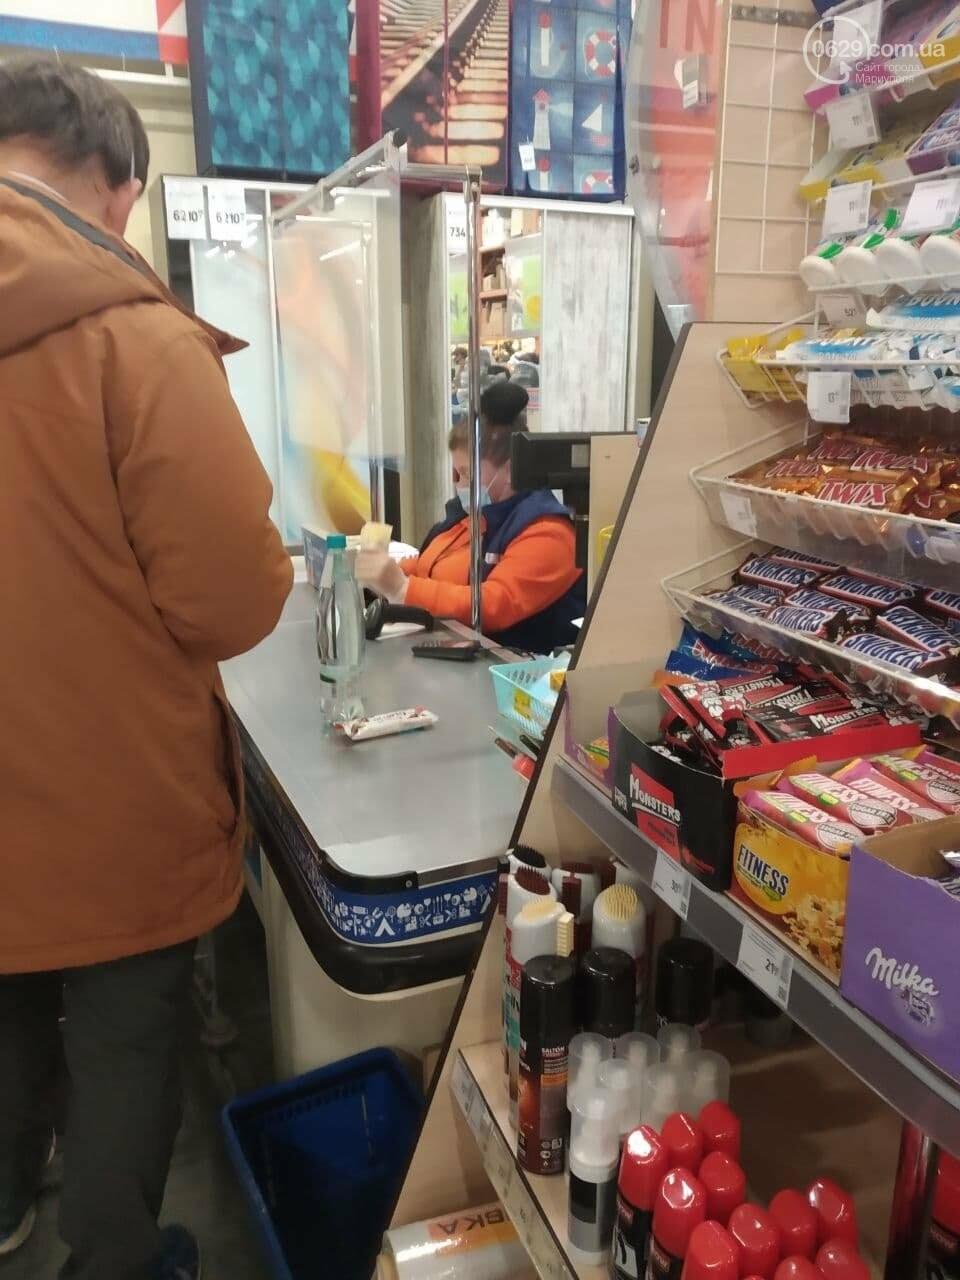 Скупиться и не заразиться. Рейтинг безопасности мариупольских супермаркетов, - ФОТО, фото-45